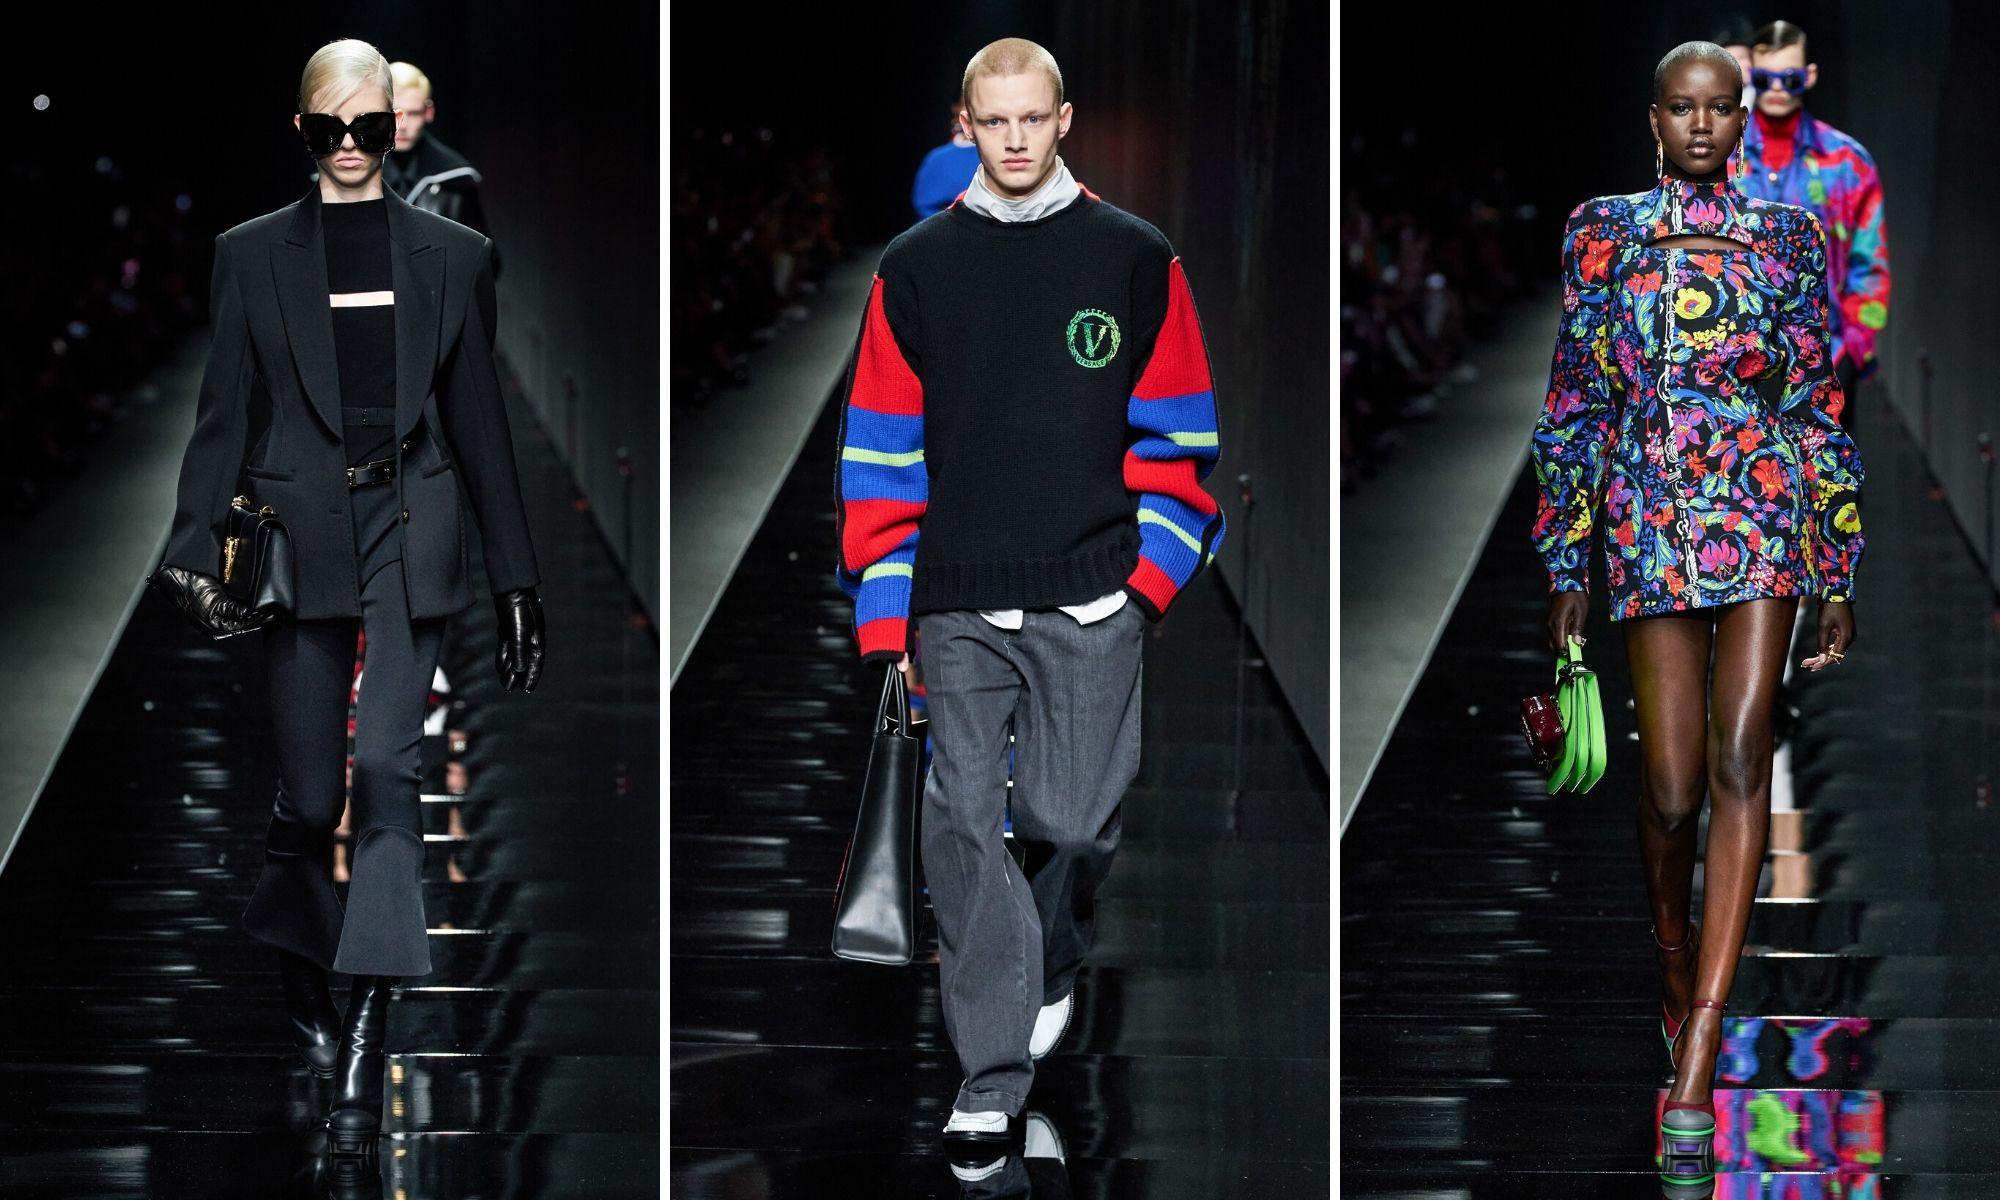 các thiết kế versace thu đông 2020 tuần lễ thời trang milan